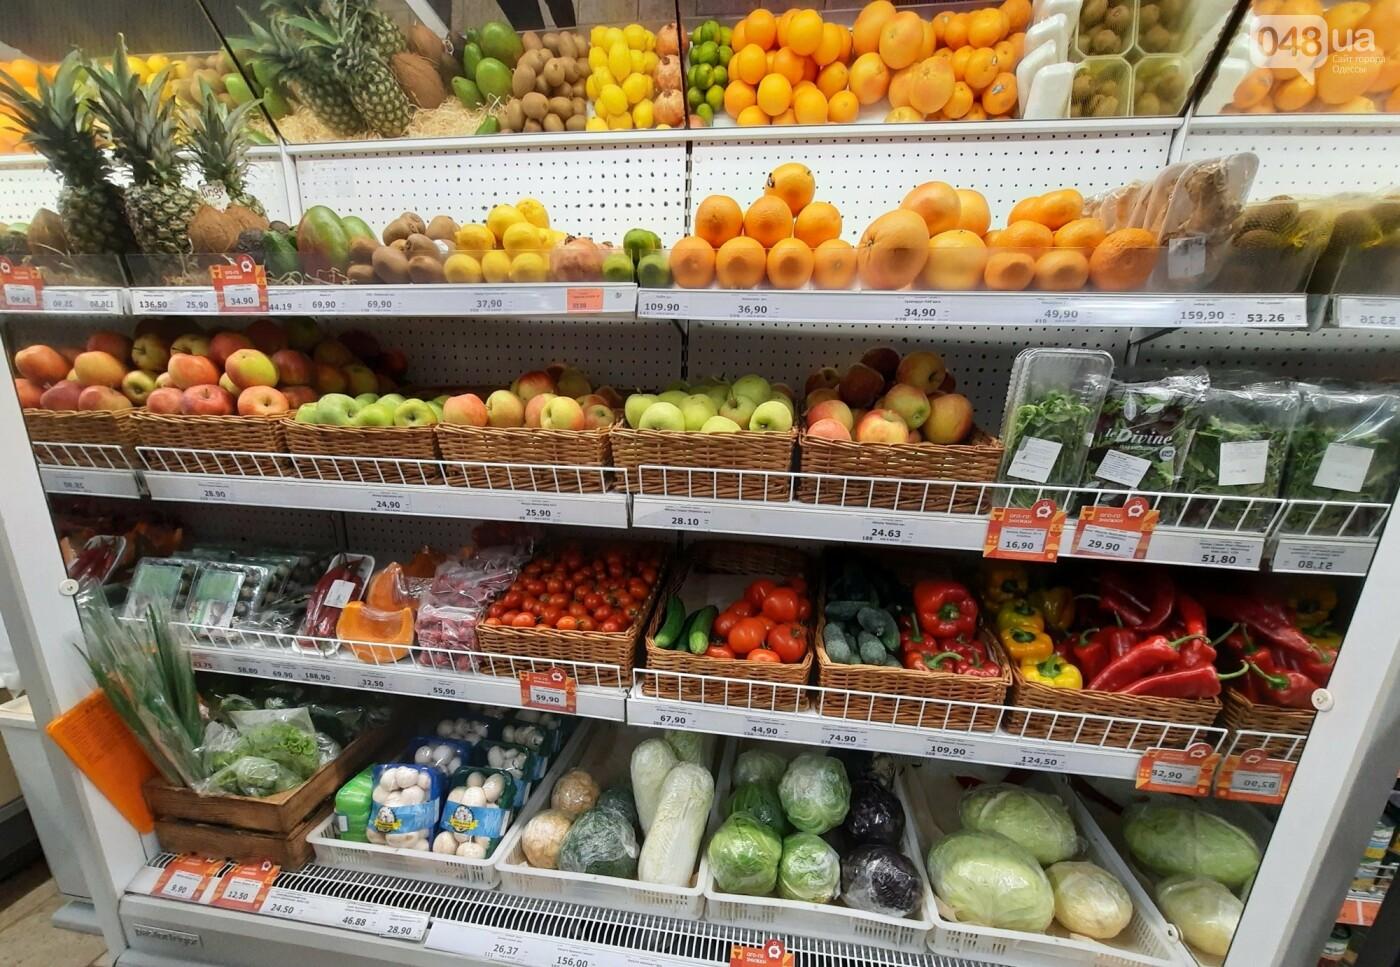 Редиска, помидоры и авокадо: как не переплачивать за покупки в супермаркетах Одессы, - ФОТО, фото-2